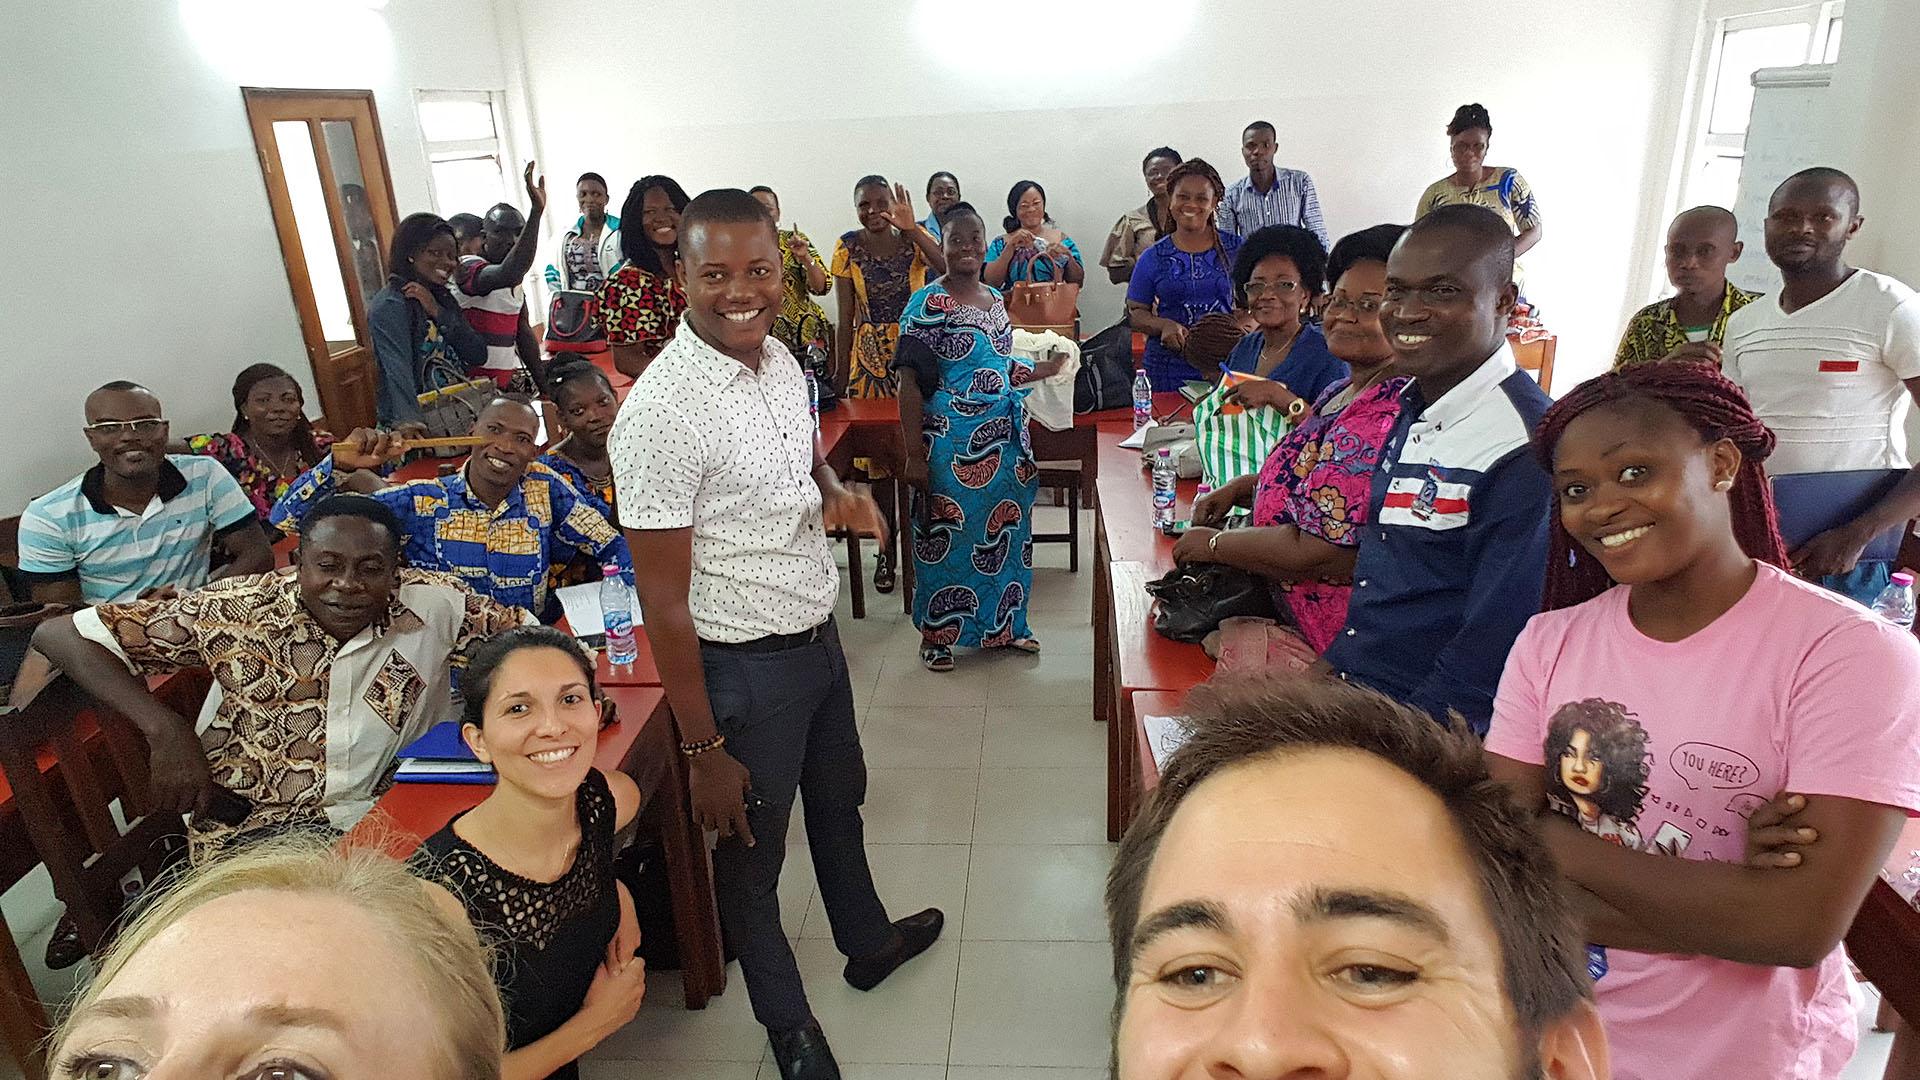 Un jour de la formation Ana-Nour, avec 35 enseignants togolais